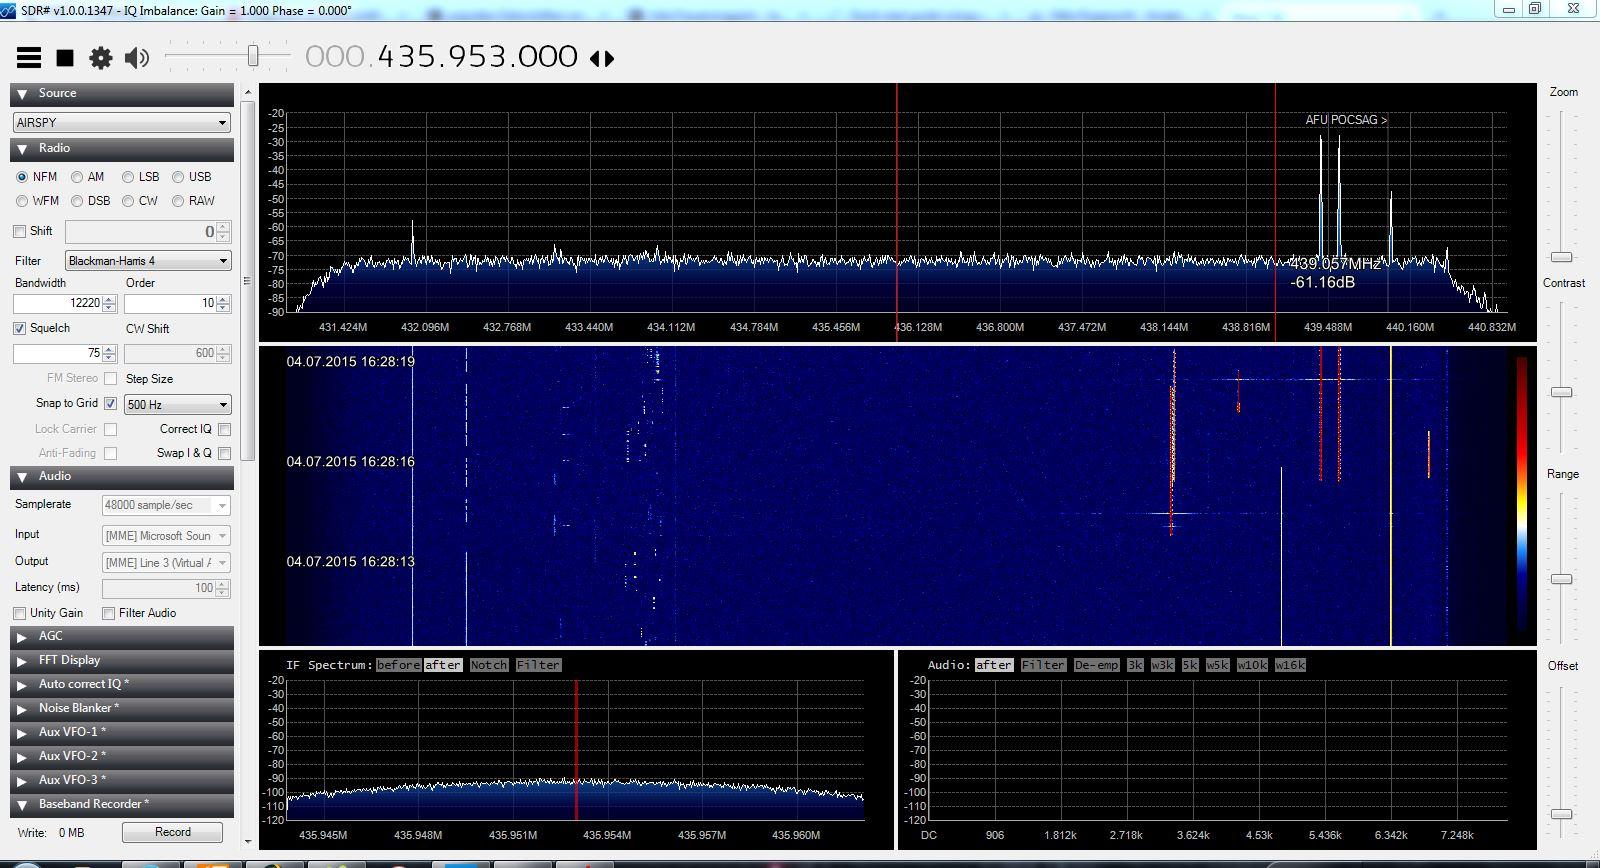 Das 70cm Band mit dem Airspy. Gut zu sehen, der ISM-Bereich, 2 DMR Repeater, eine CW-Bake etc.